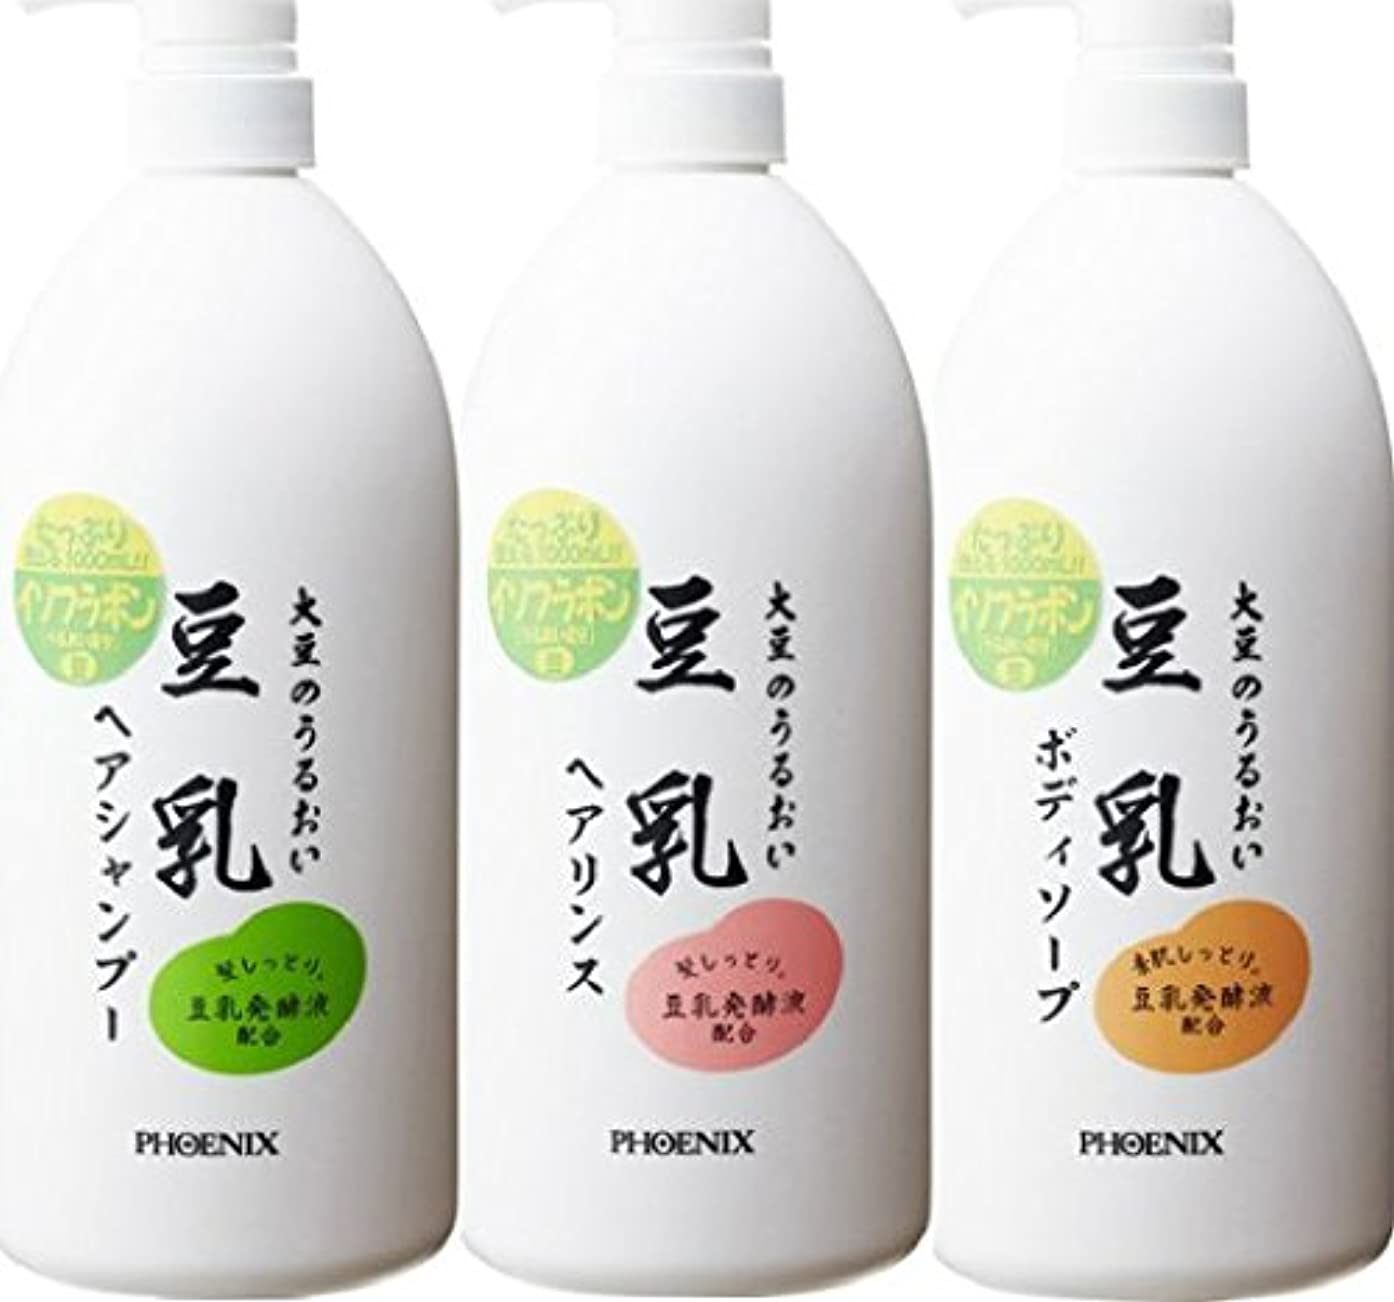 れんが消費保証大豆のうるおい 豆乳ヘアシャンプー & ヘアリンス & ボディーソープ セット 各1000ml